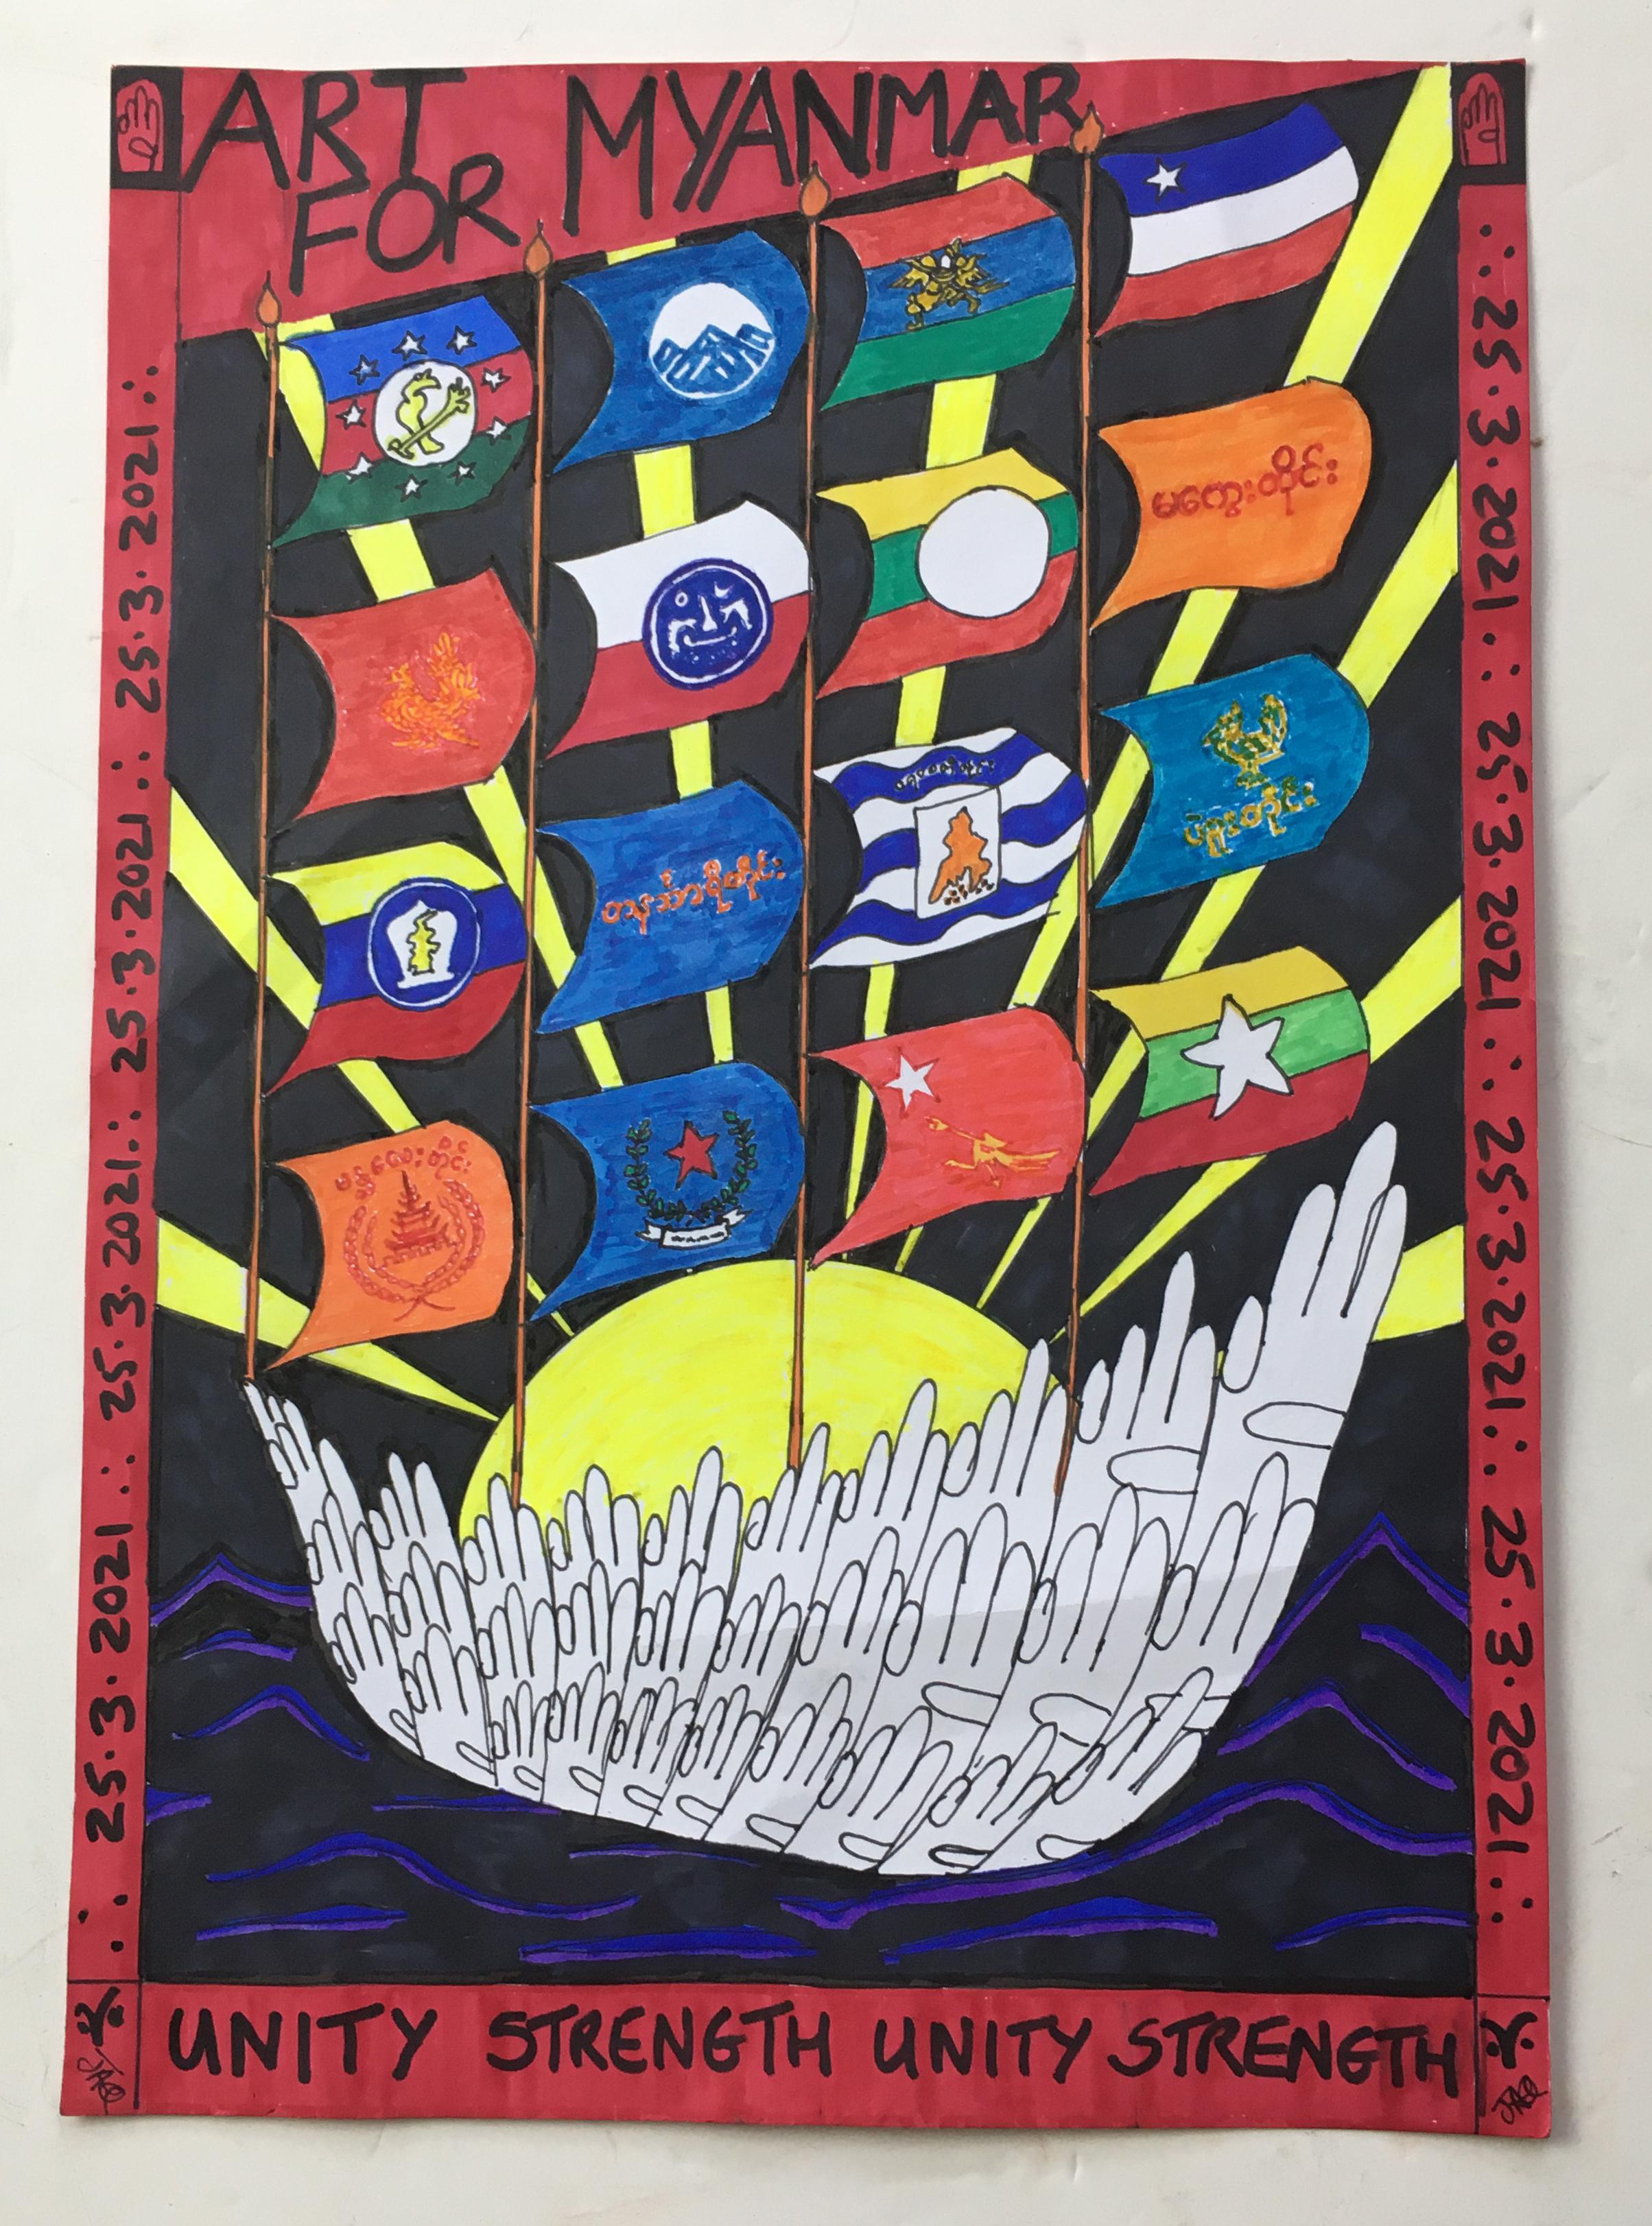 Jackie Jones Art from UK